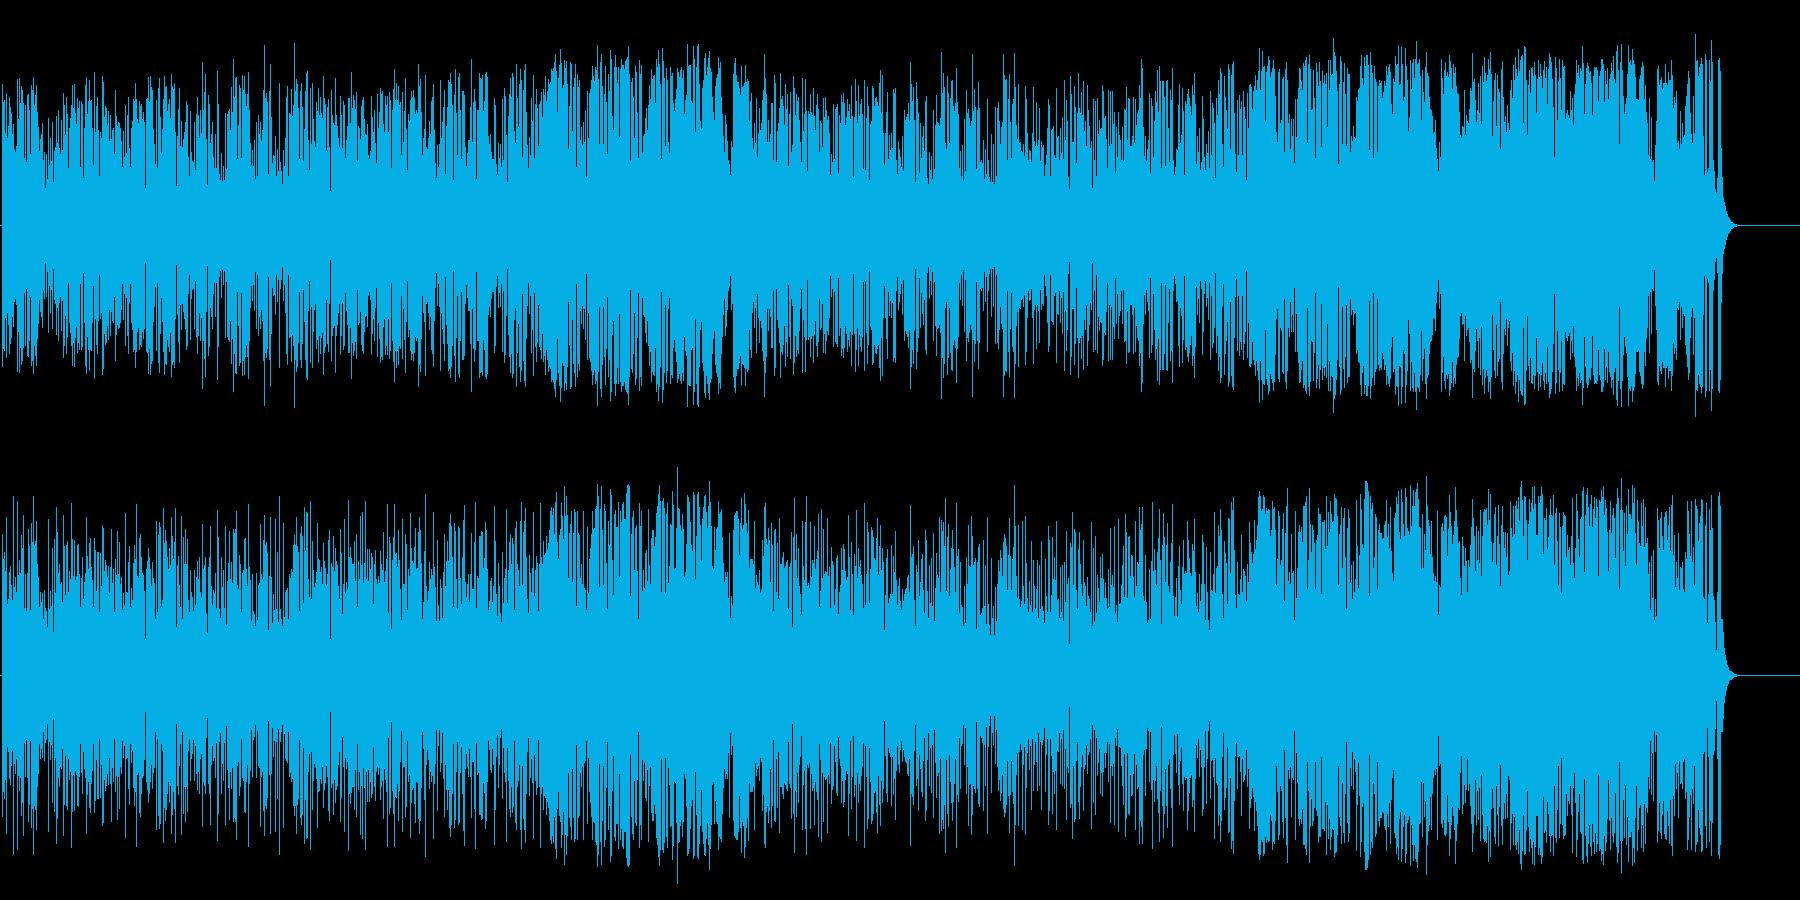 店内BG向けの陽気なラテンポップの再生済みの波形